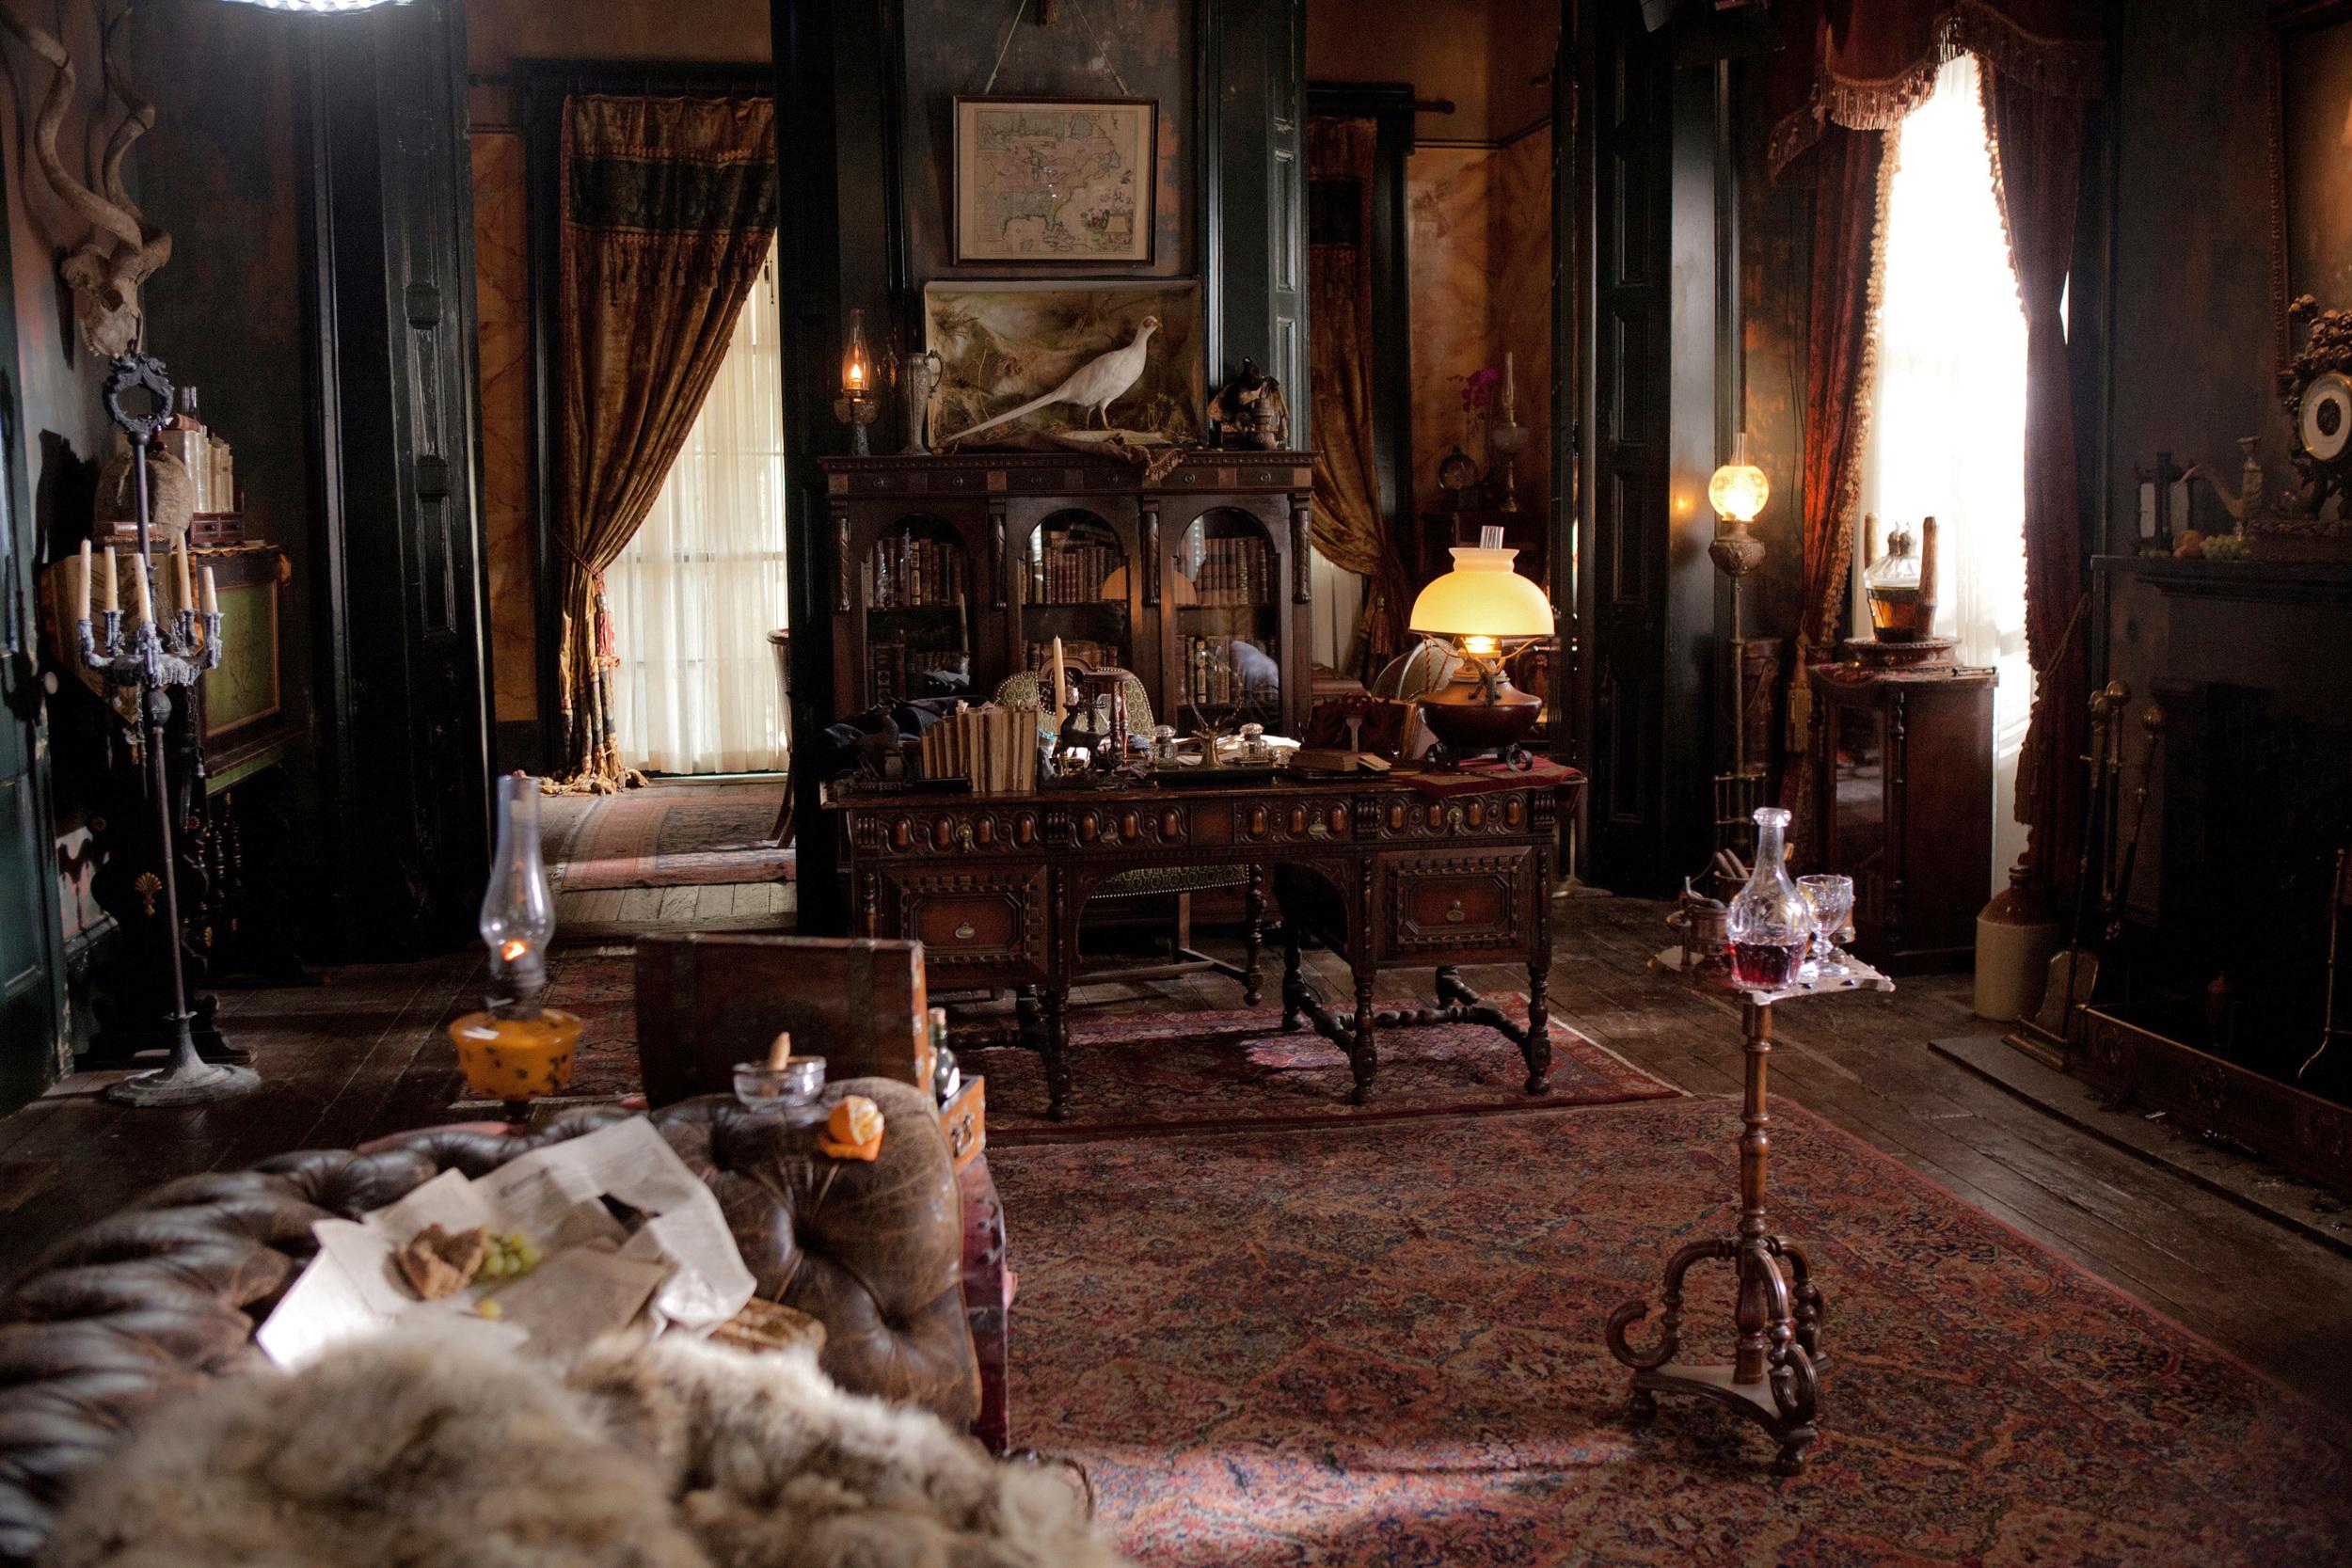 Henry's study